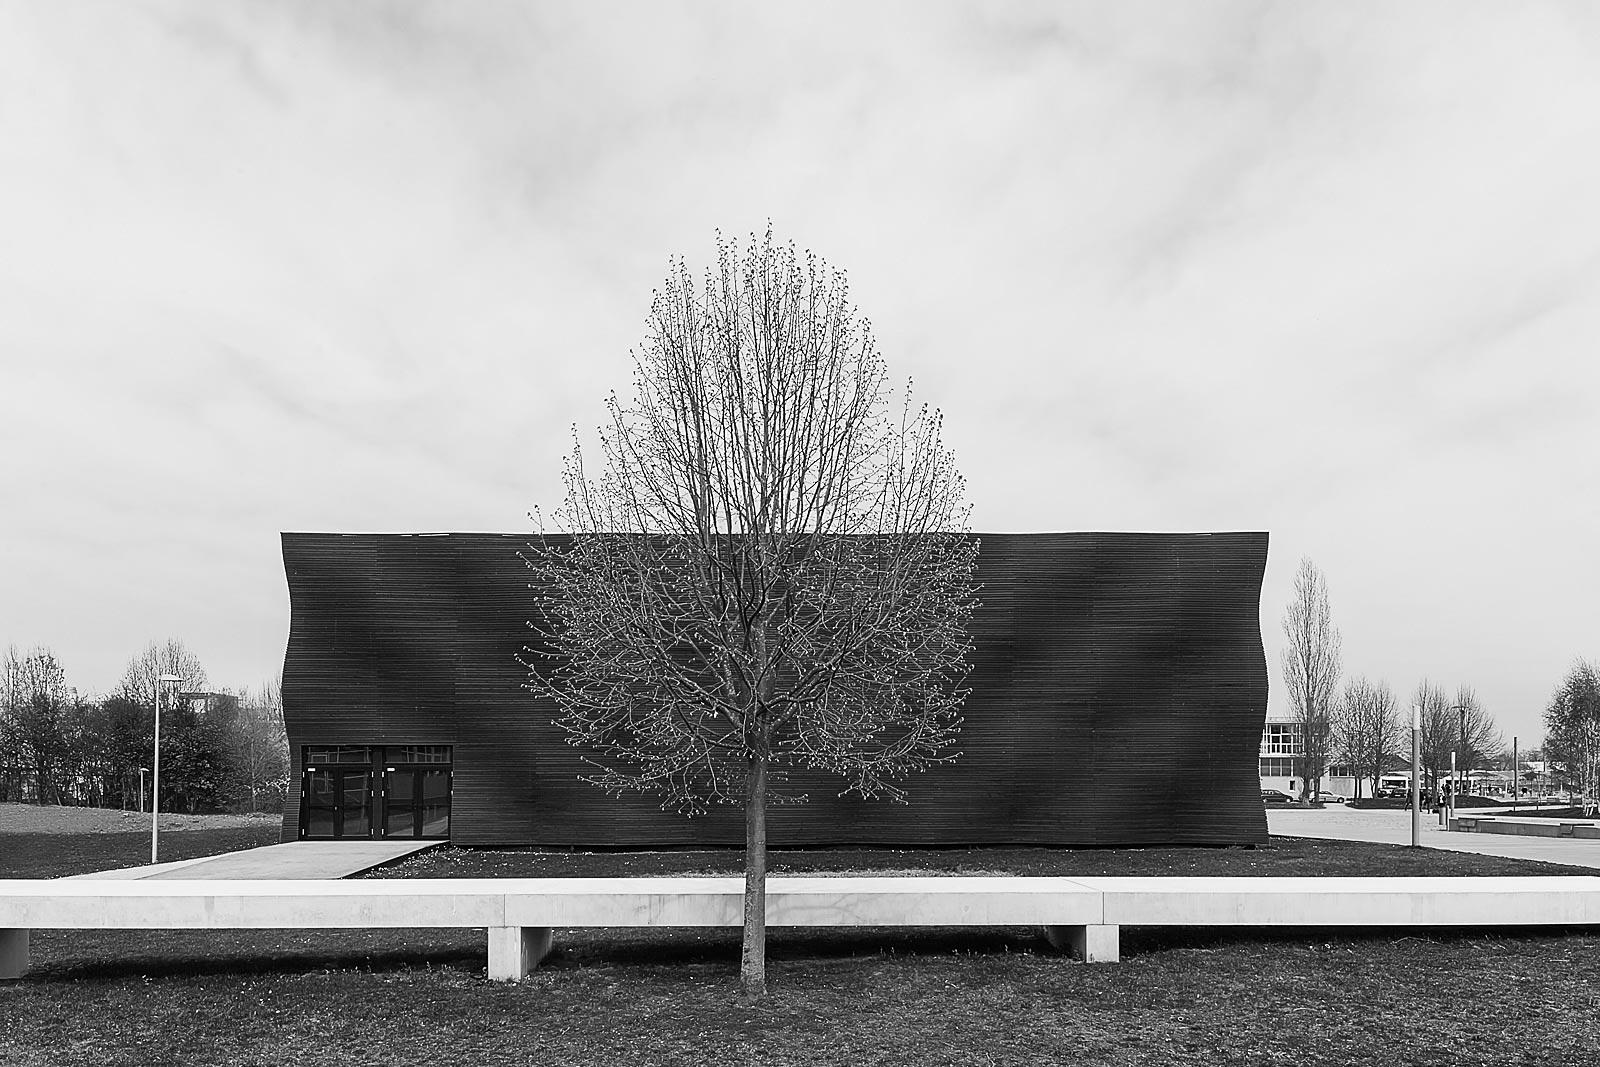 Interims Campus Architekturfotografie in München von Gabriel Büchelmeier, Architektur Fotograf in München